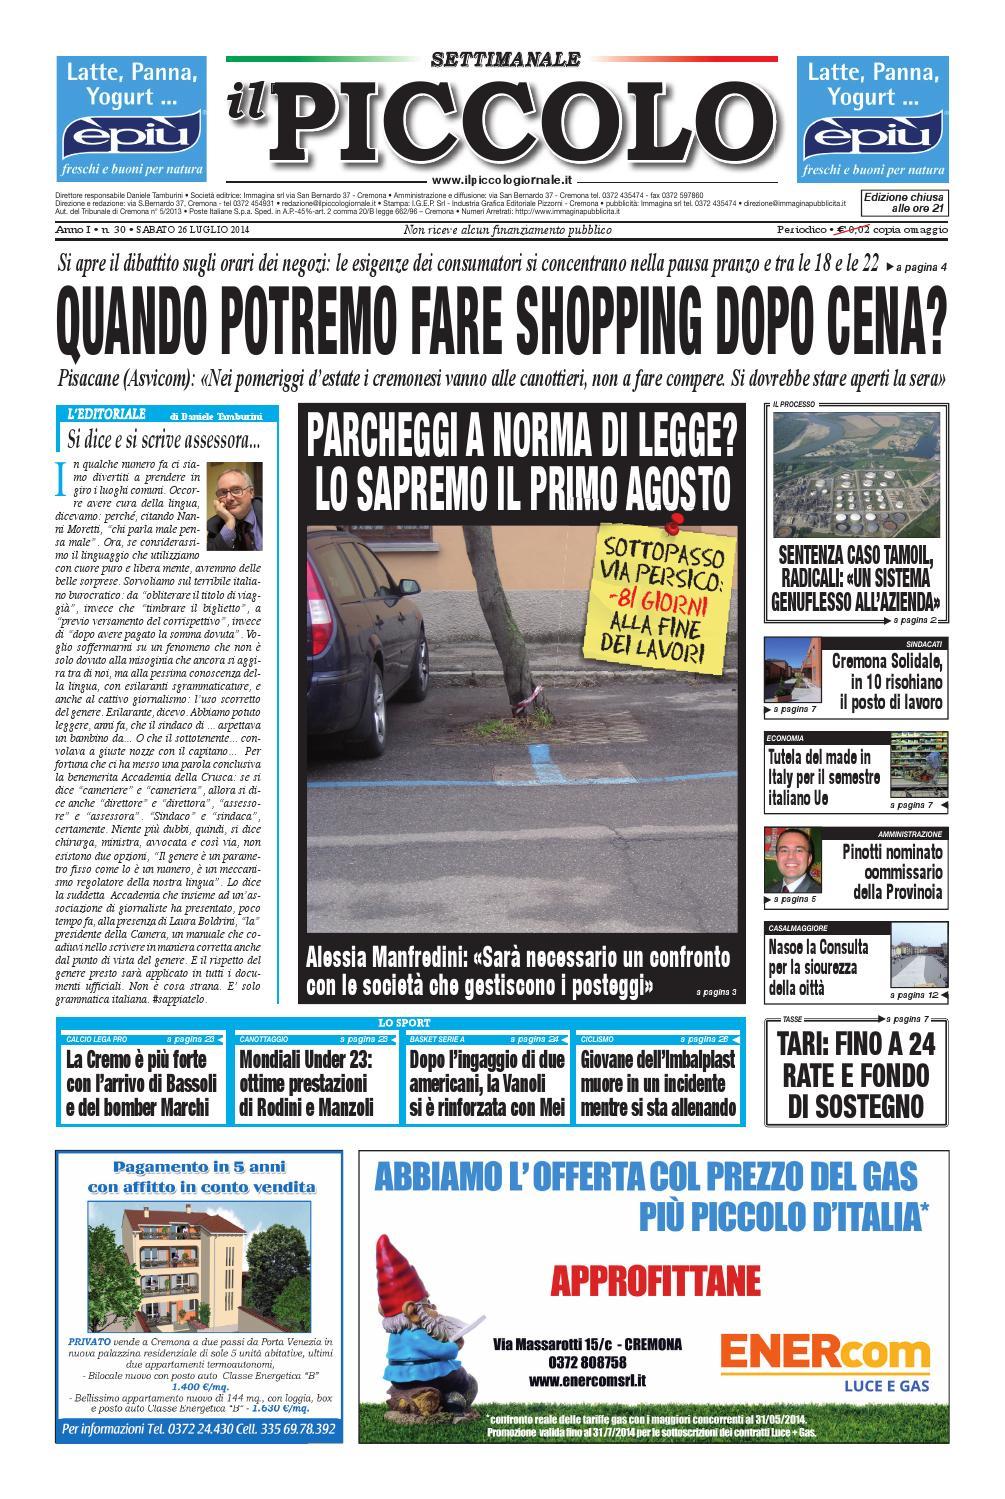 Settimanale Il Piccolo by promedia promedia - issuu 740a7e1e193d